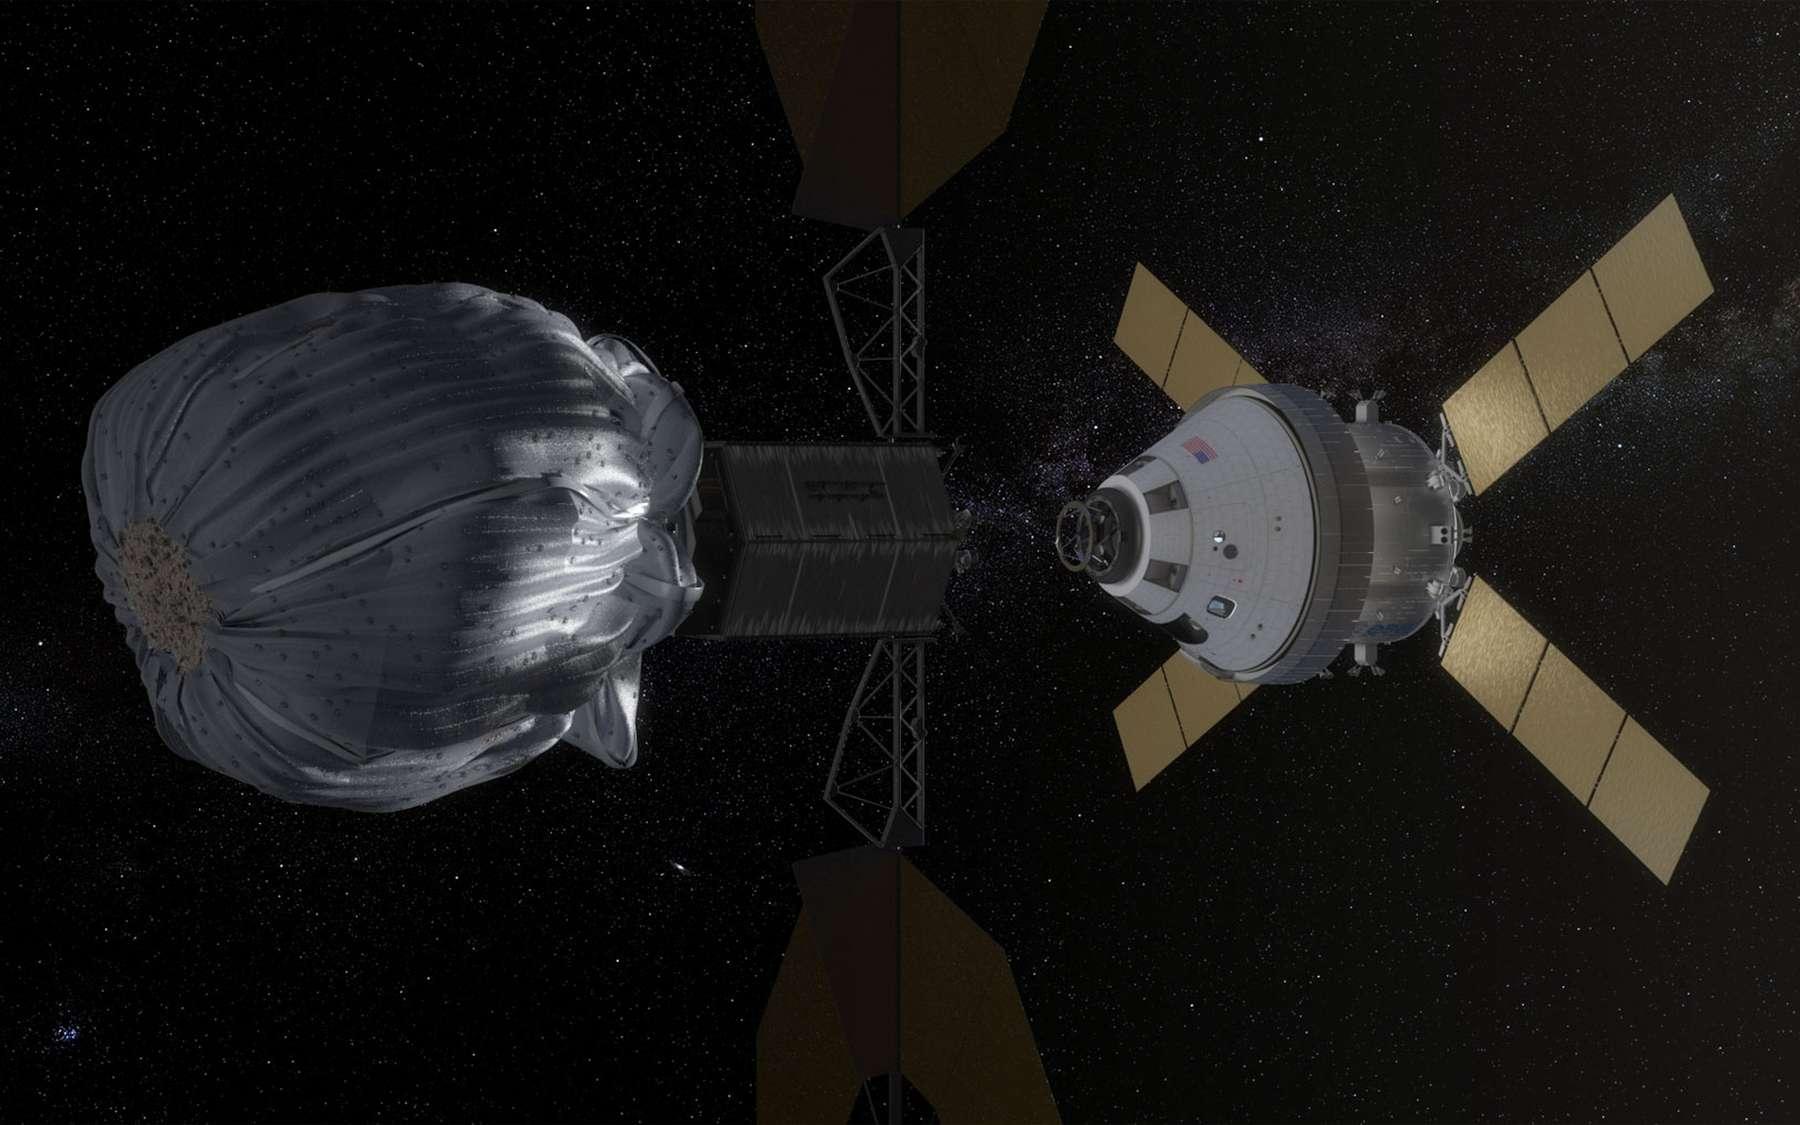 L'une des options pour capturer un astéroïde serait d'utiliser un big bag. Dans ce cas, l'objet ne devrait pas dépasser une dizaine de mètres. © Nasa